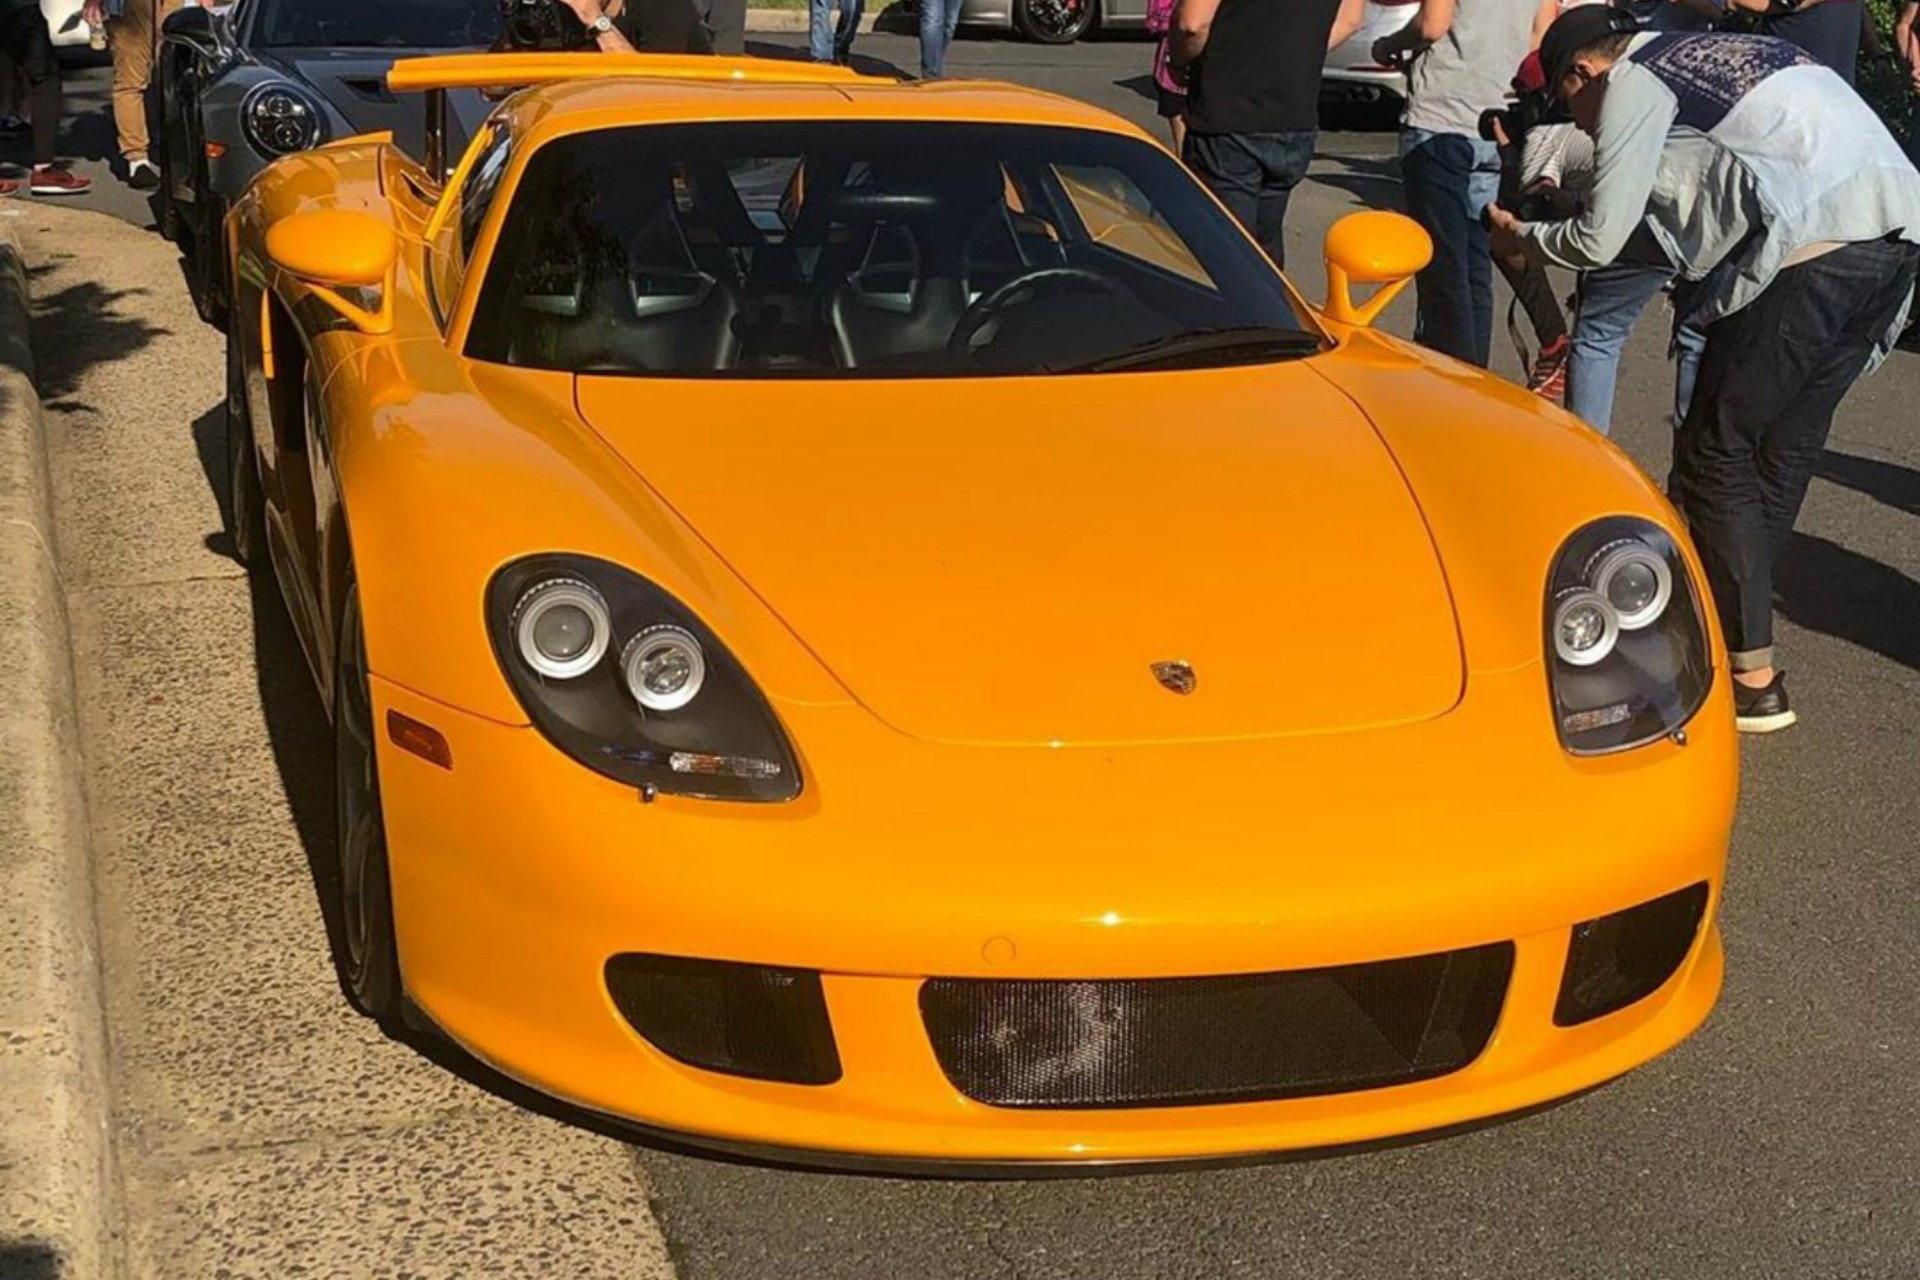 SuncoastParts.com - 997 (Gen 2 ) Project Car